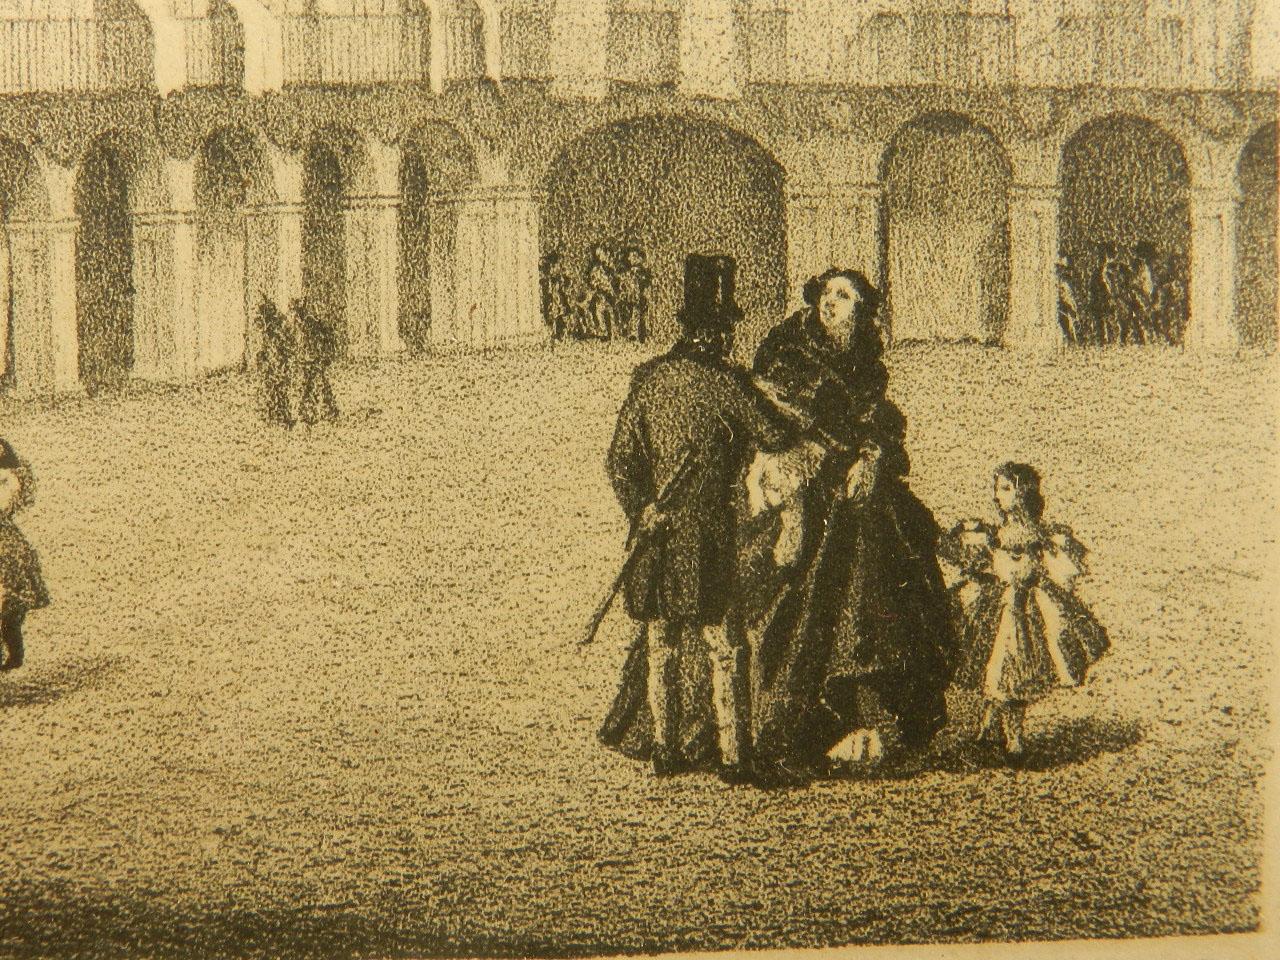 Imagen LITOGRAFÍA P. MAYOR SALAMANCA AÑO 1860 24846